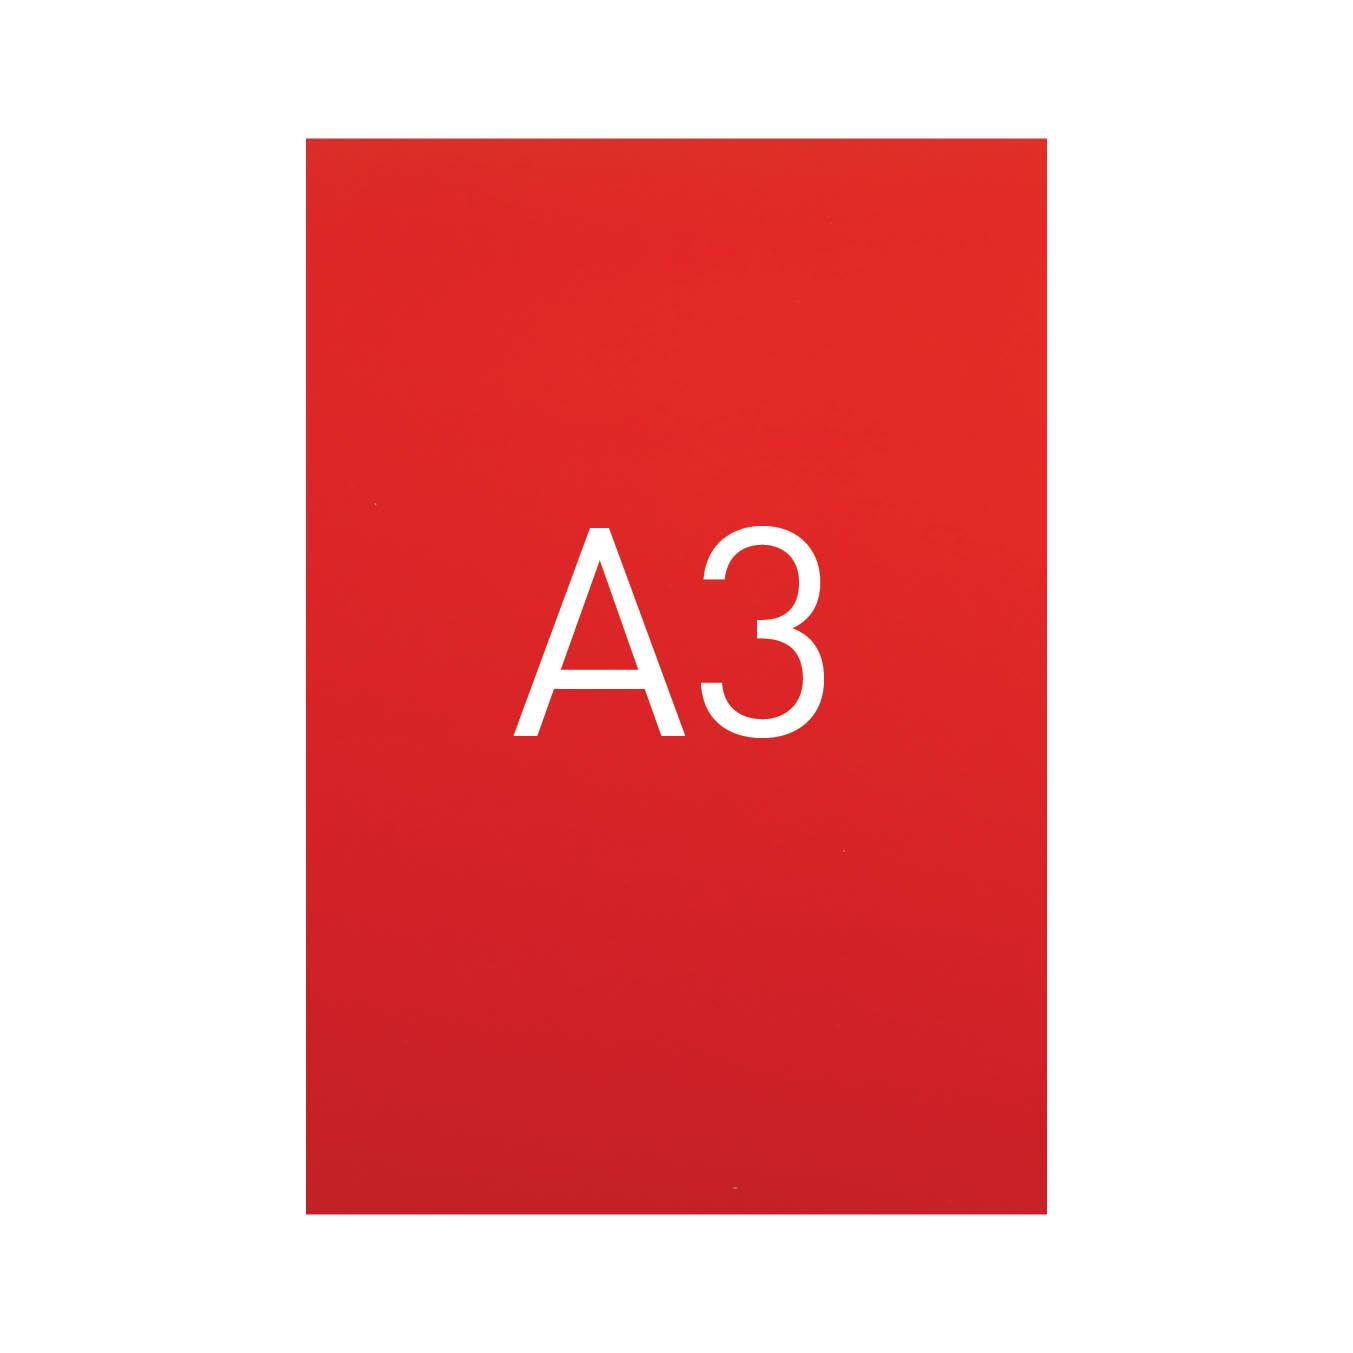 Miękka okładka kartonowa z połyskiem - O.EXCLUSIVE 420 x 297 mm (A3) - 100 arkuszy - czerwony